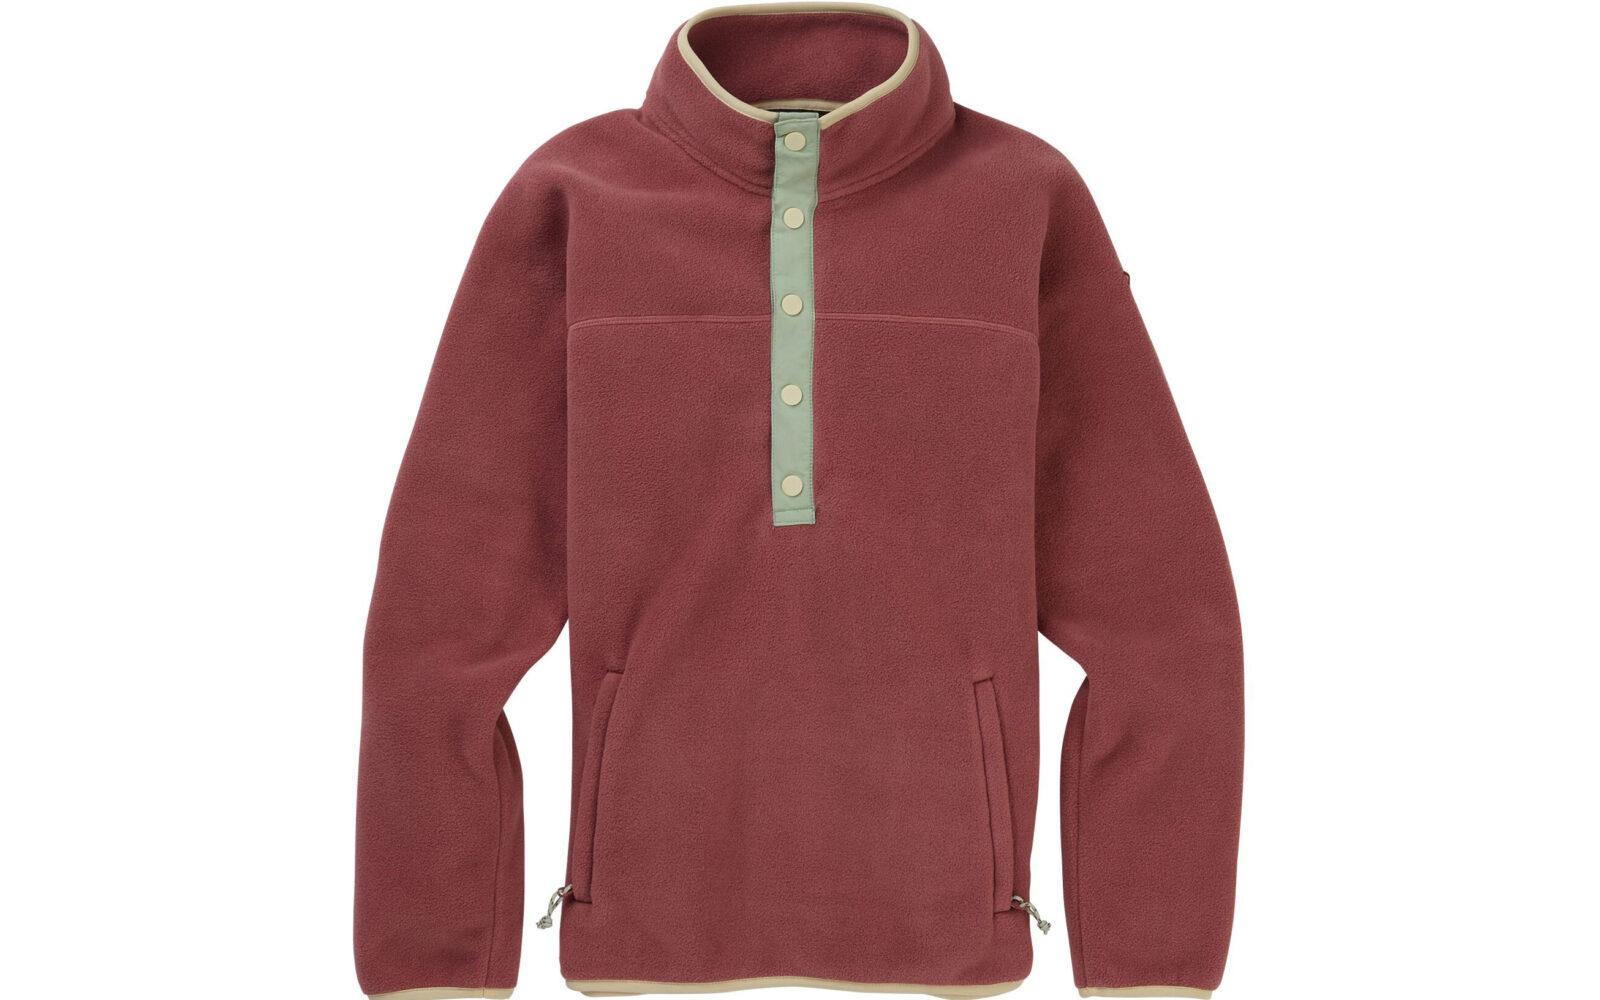 Burton W's Hearth Fleece Pullover, un fleece in 100% poliestere riciclato da indossare sotto alla giacca da snowboard (ma non solo). L'azienda punta all'ecosostenibilità, cioè alla durata nel tempo, e ripara in 48h i capi che si rompono o si danneggiano. Euro 100.